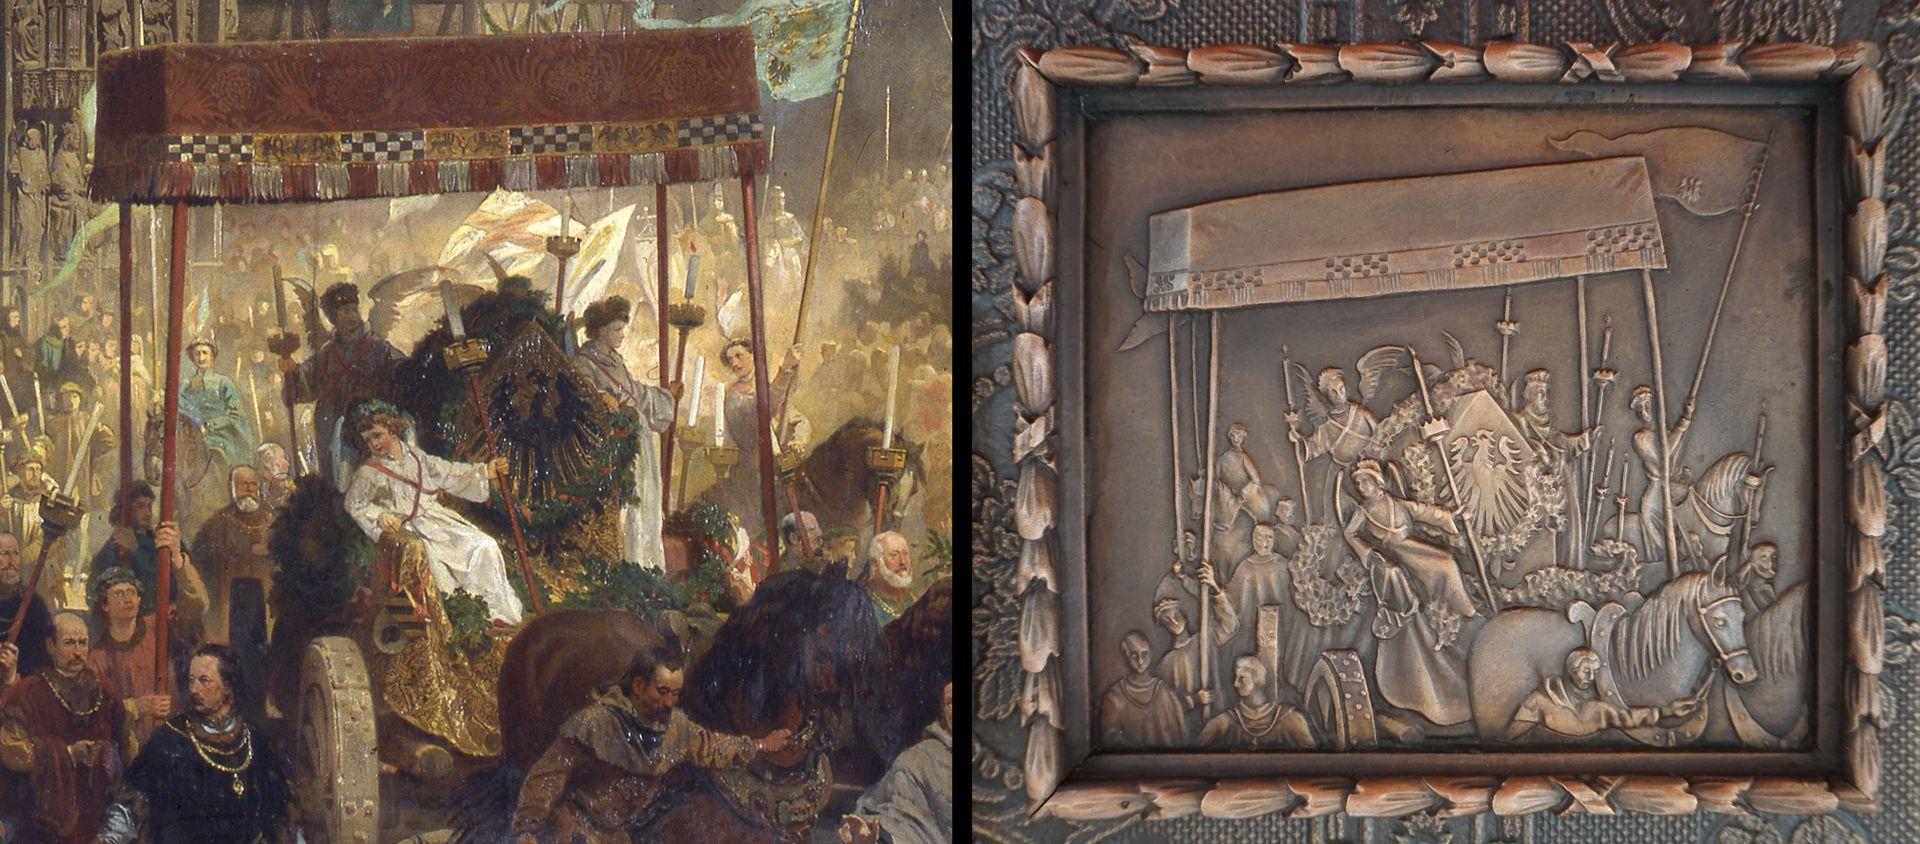 """Paul Ritter Grabstätte Detailvergleich aus """"Die Einbringung der Reichskleinodien"""", links Gemäldedetail, rechts gerahmtes Detail auf dem Epitaph"""